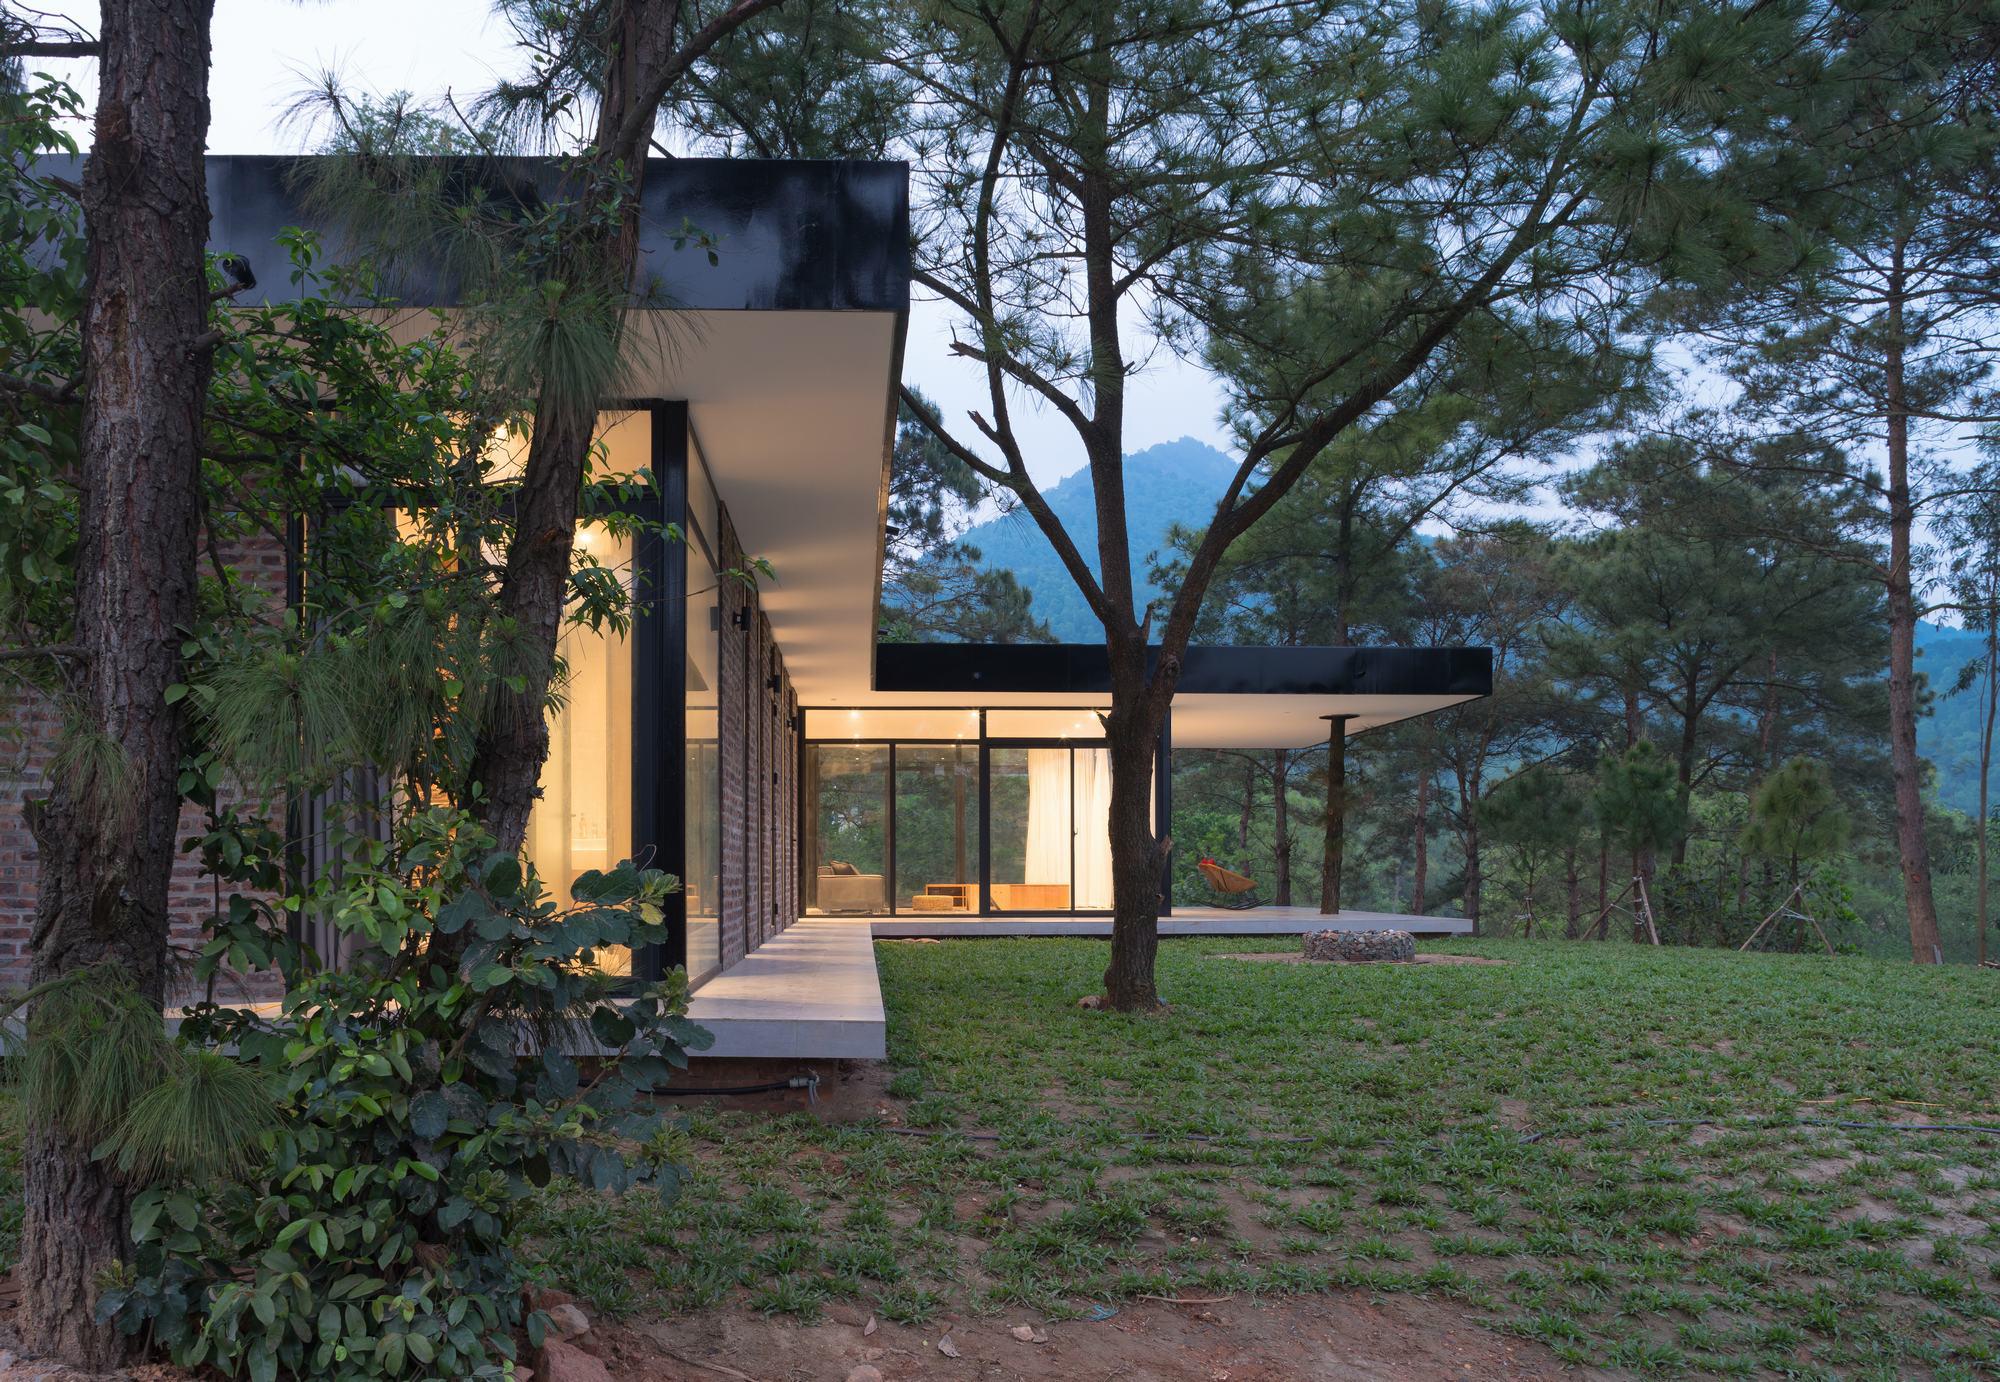 Casa bajo los pinos idee architects plataforma arquitectura - Casa los pinos ...